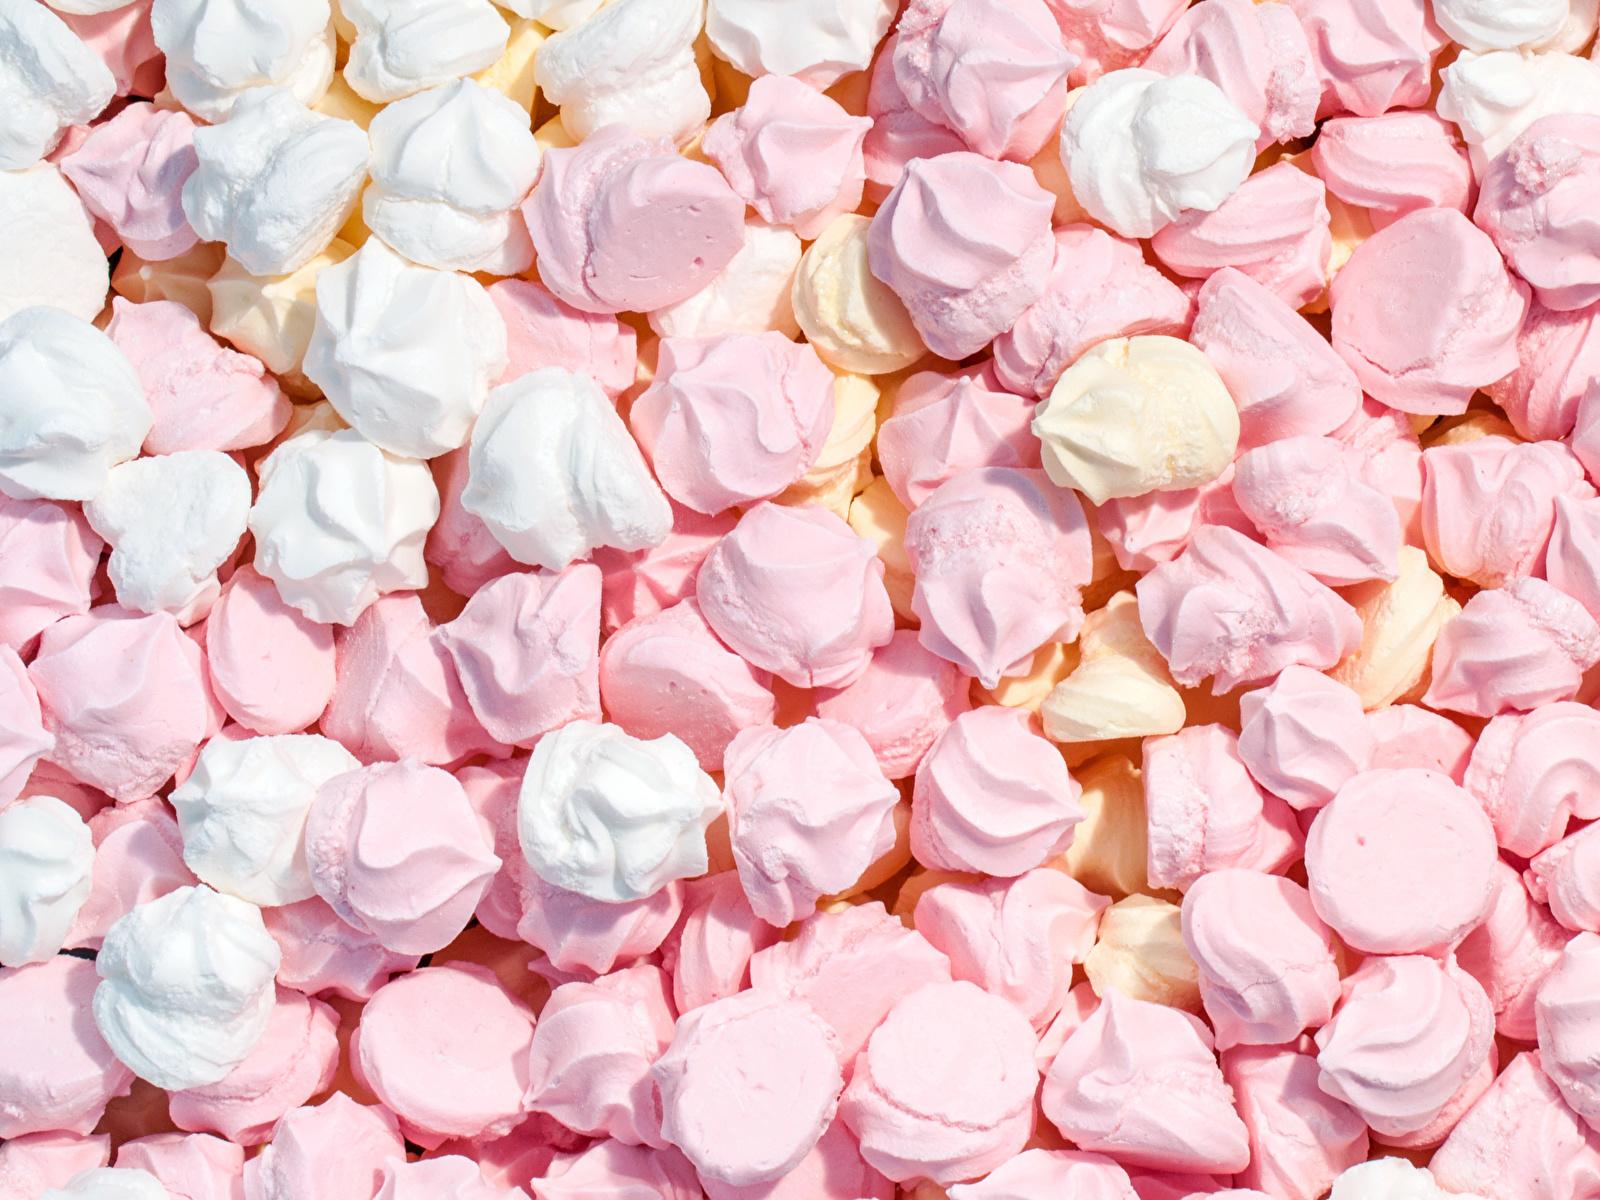 Картинка Beze Продукты питания Много сладкая еда 1600x1200 Еда Пища Сладости